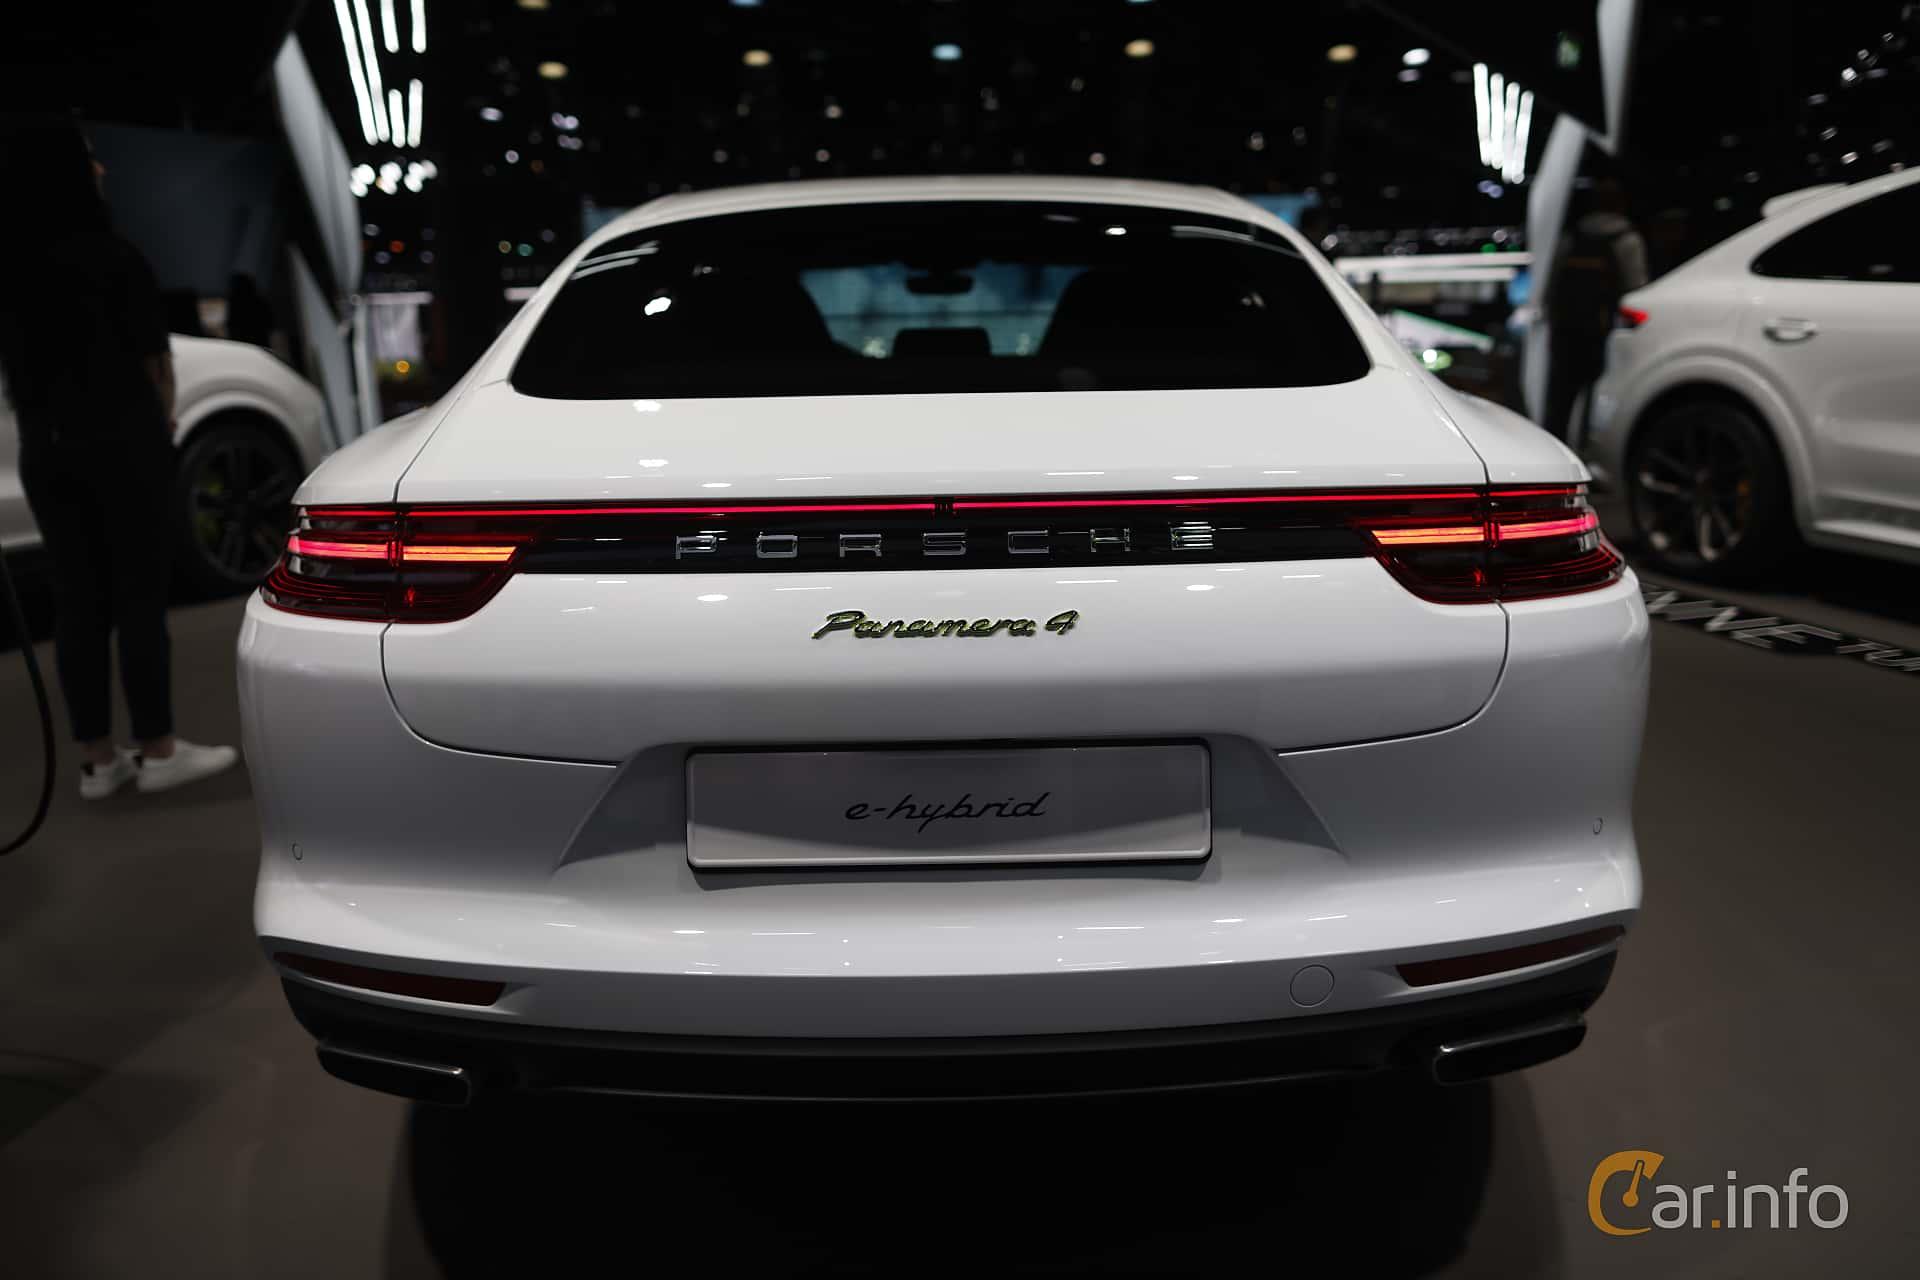 Porsche Panamera 4 E-Hybrid 2.9 V6 4 PDK, 462hp, 2020 at IAA 2019